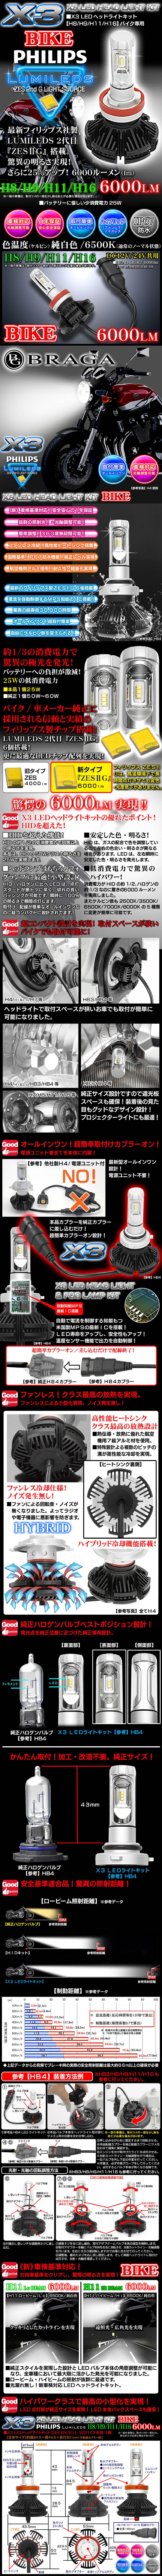 《車検対応》【H8/H9/H11/H16】バイク専用 X3 6000LMフィリップス製LEDヘッドライトキット25W/6500K 1個/1年保証